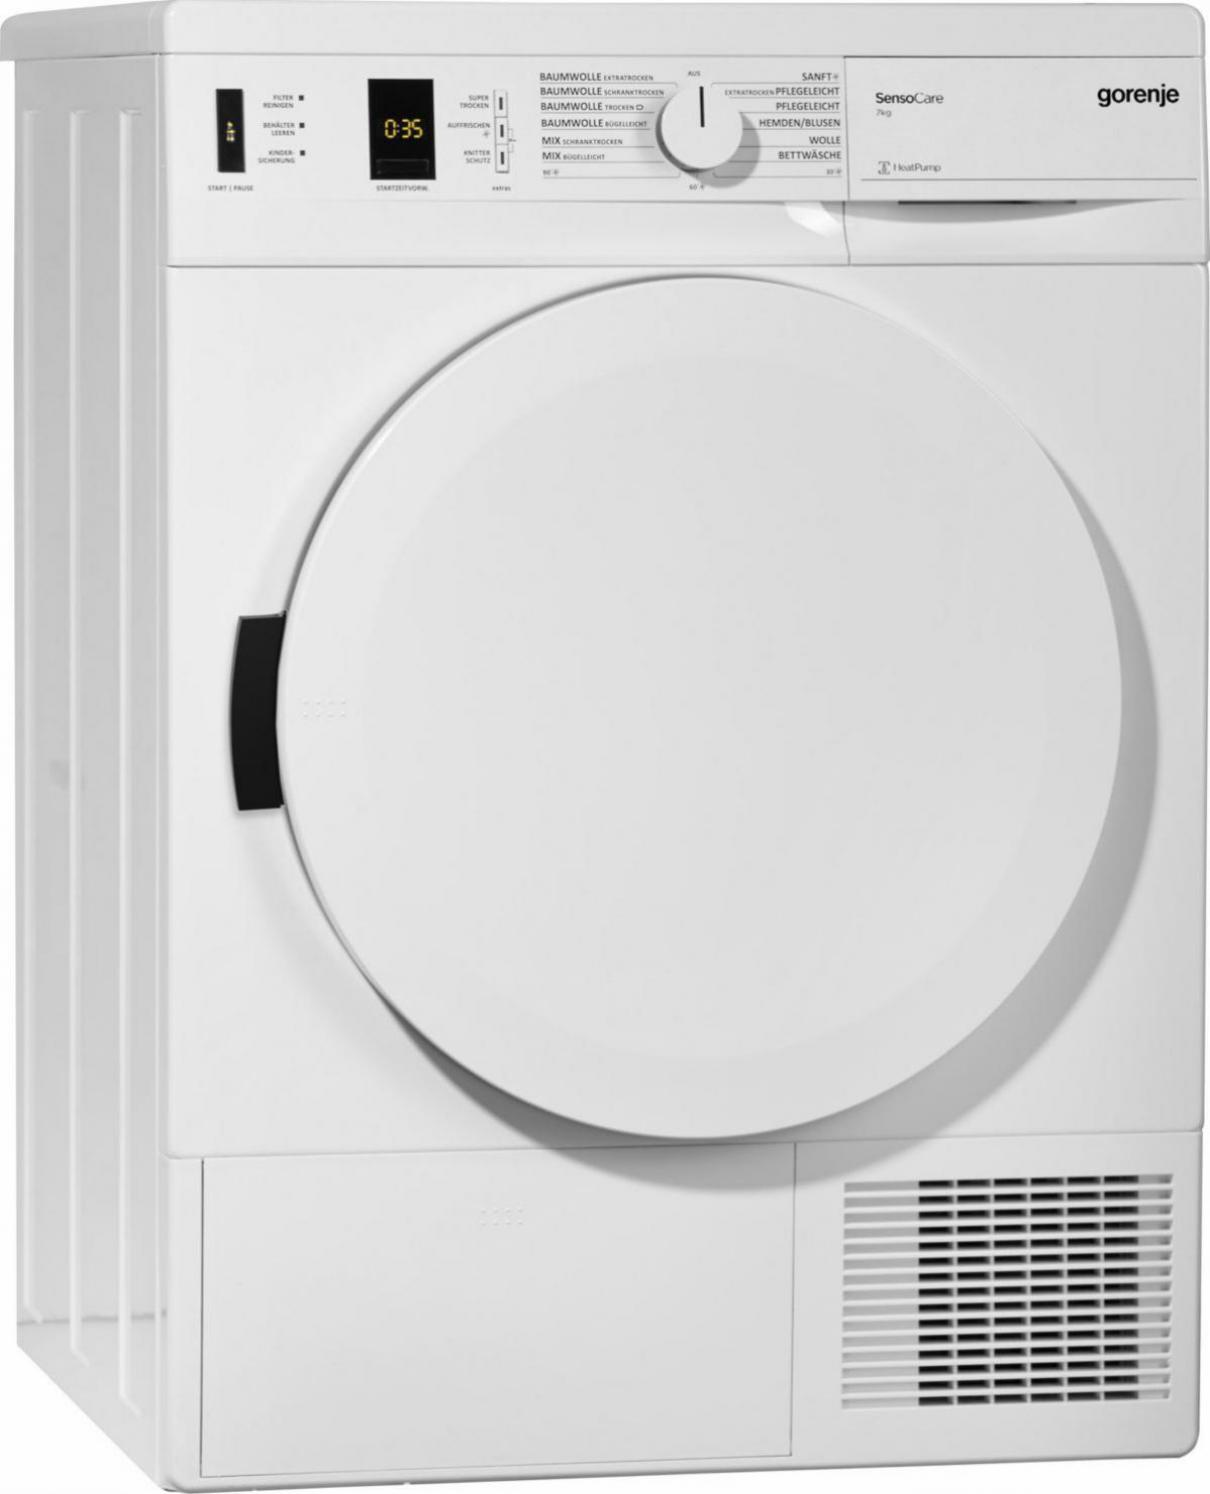 Gorenje D7 Eco Warmepumpentrockner Preisvergleich Test Vergleich